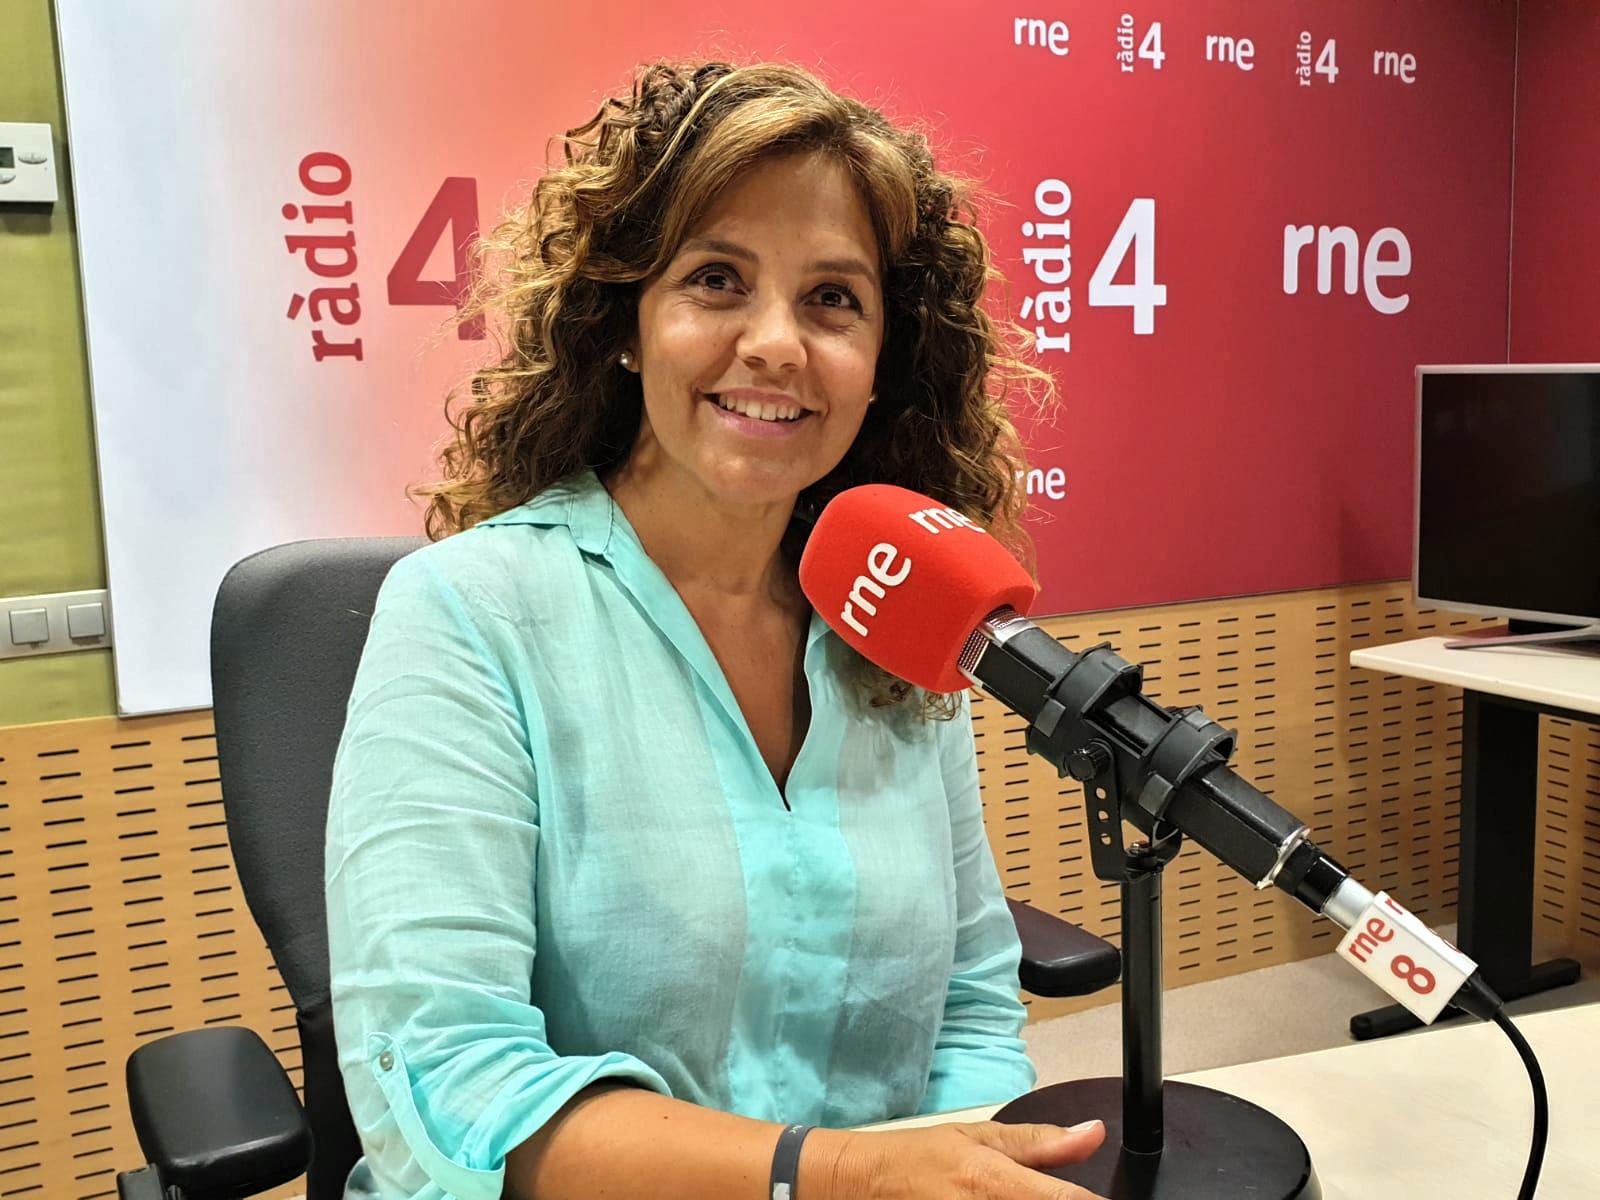 Lletra lligada - Educació Emocional amb la Cristina Gutiérrez i el Paraules de Nen (píndola 69)